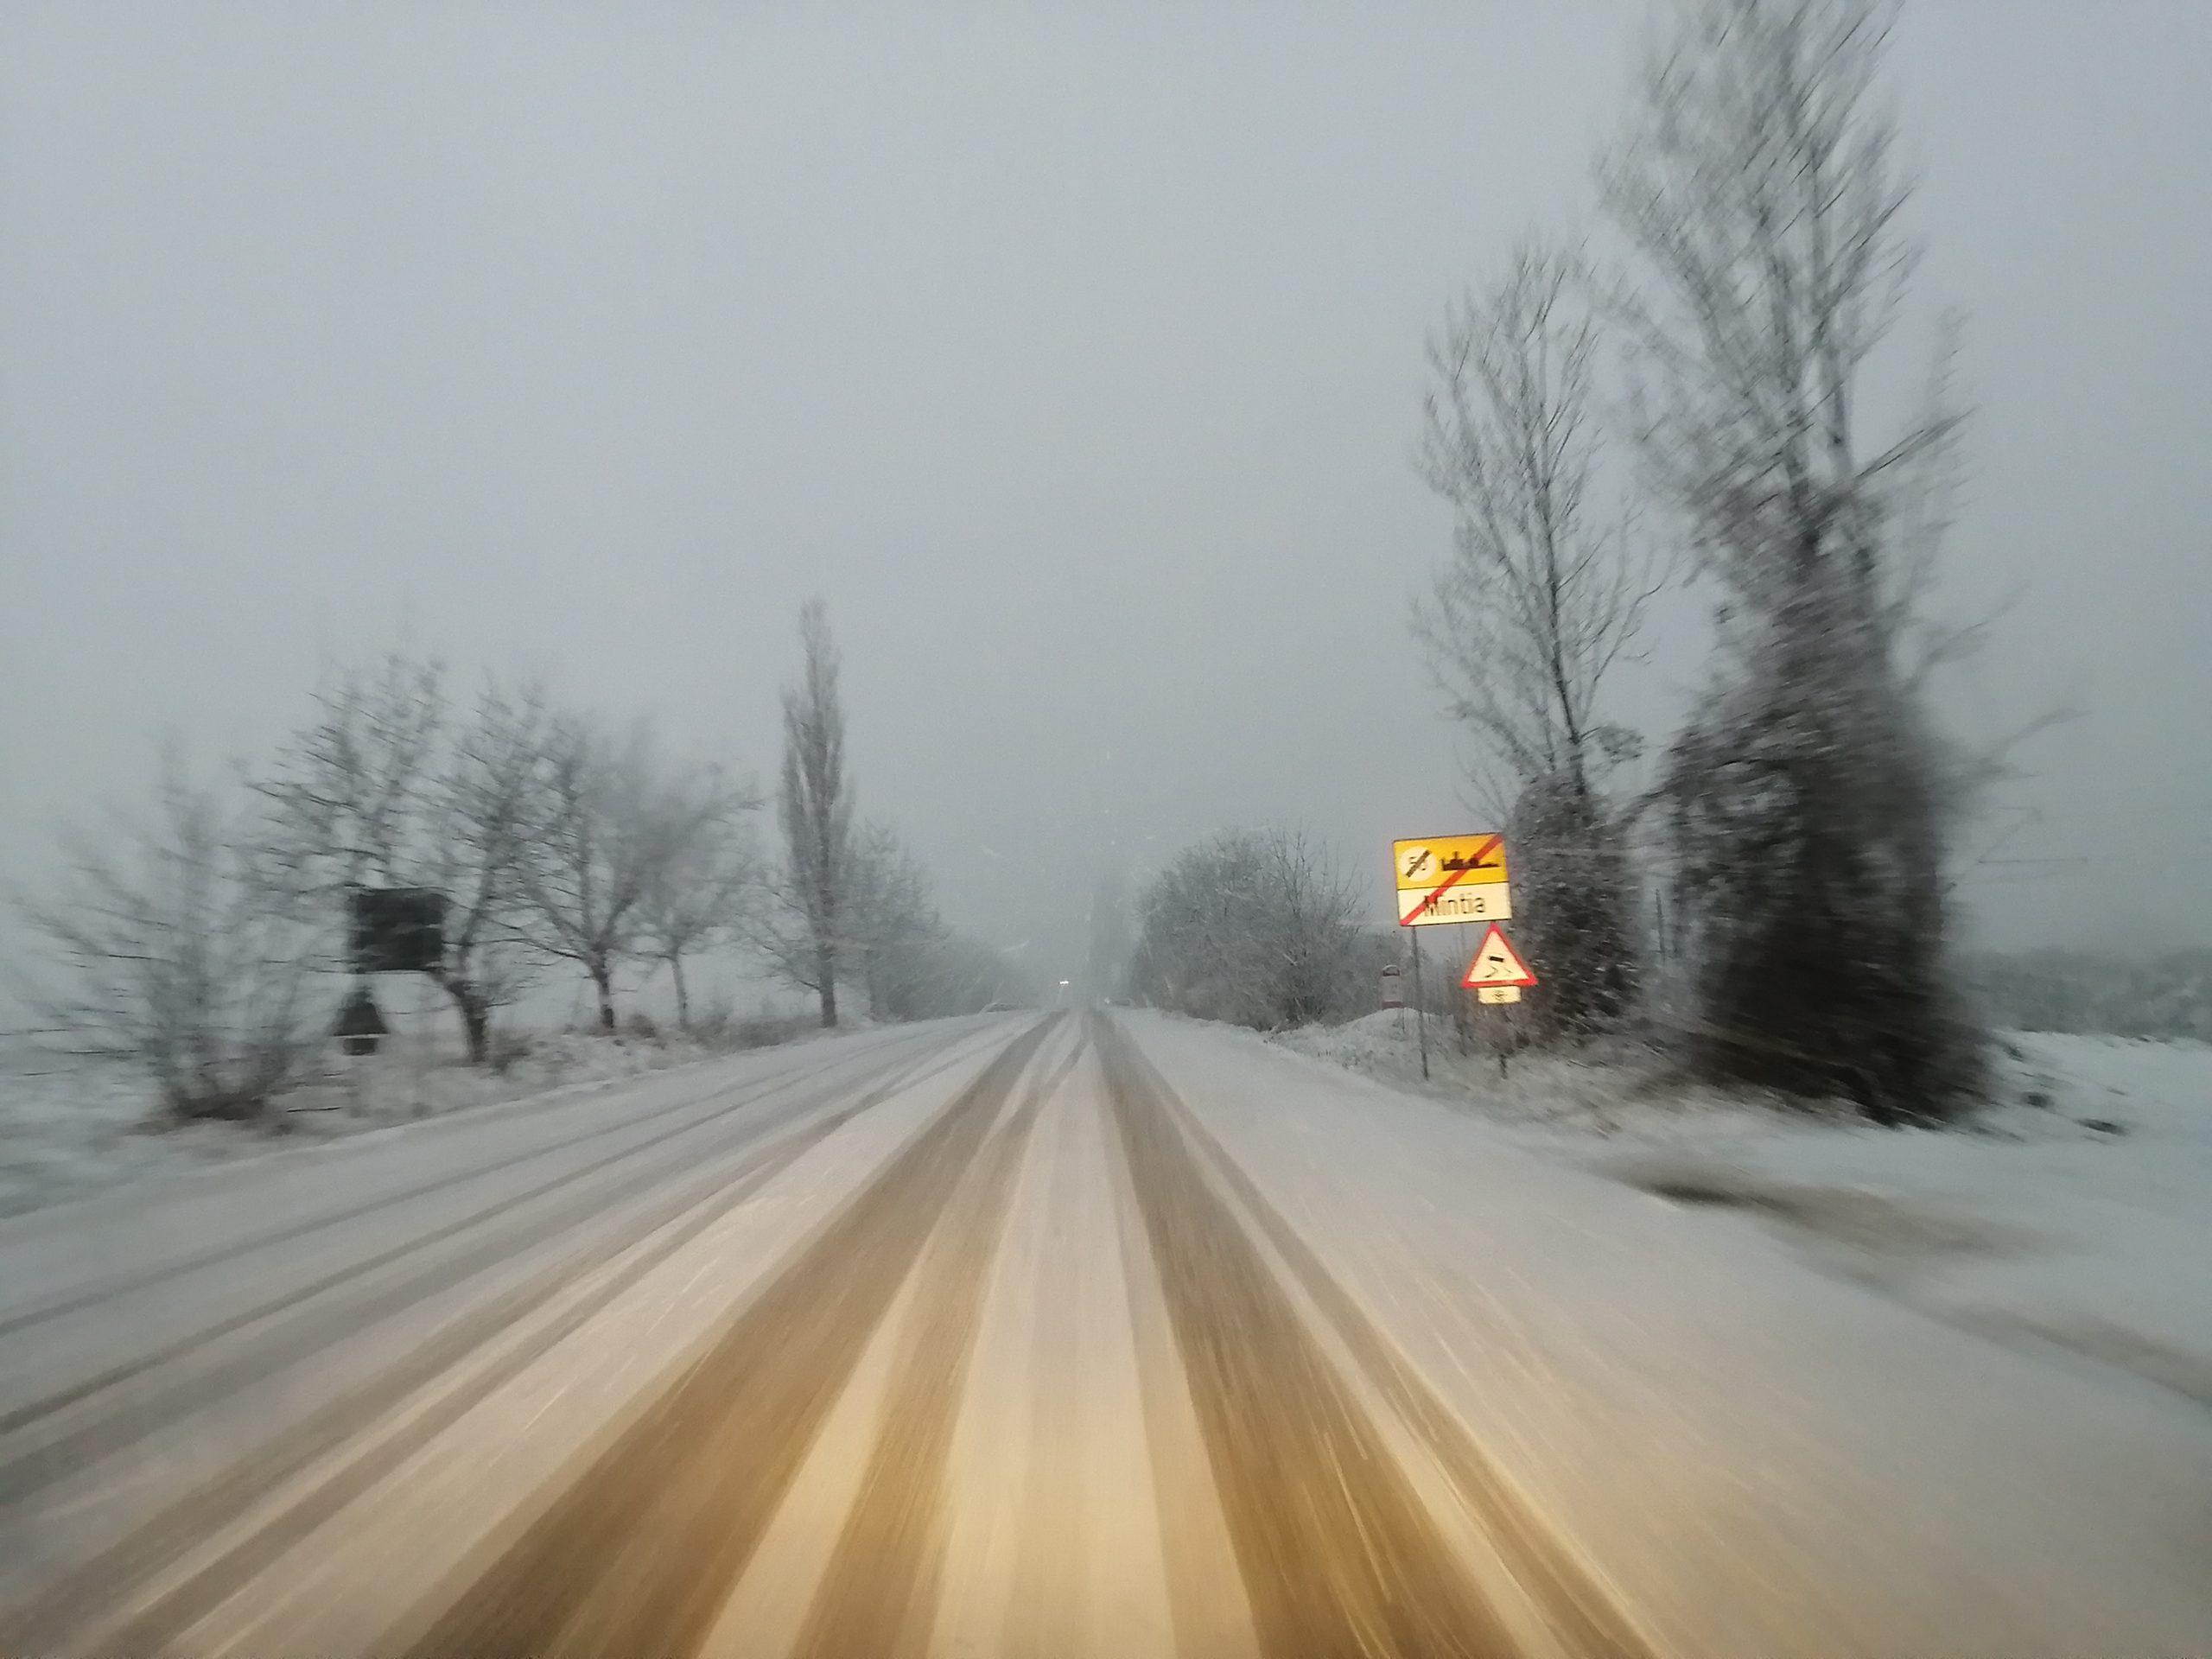 Foto/Video: Atenție, șoferi! DN7 acoperit de zăpadă. Se circulă în condiții de iarna